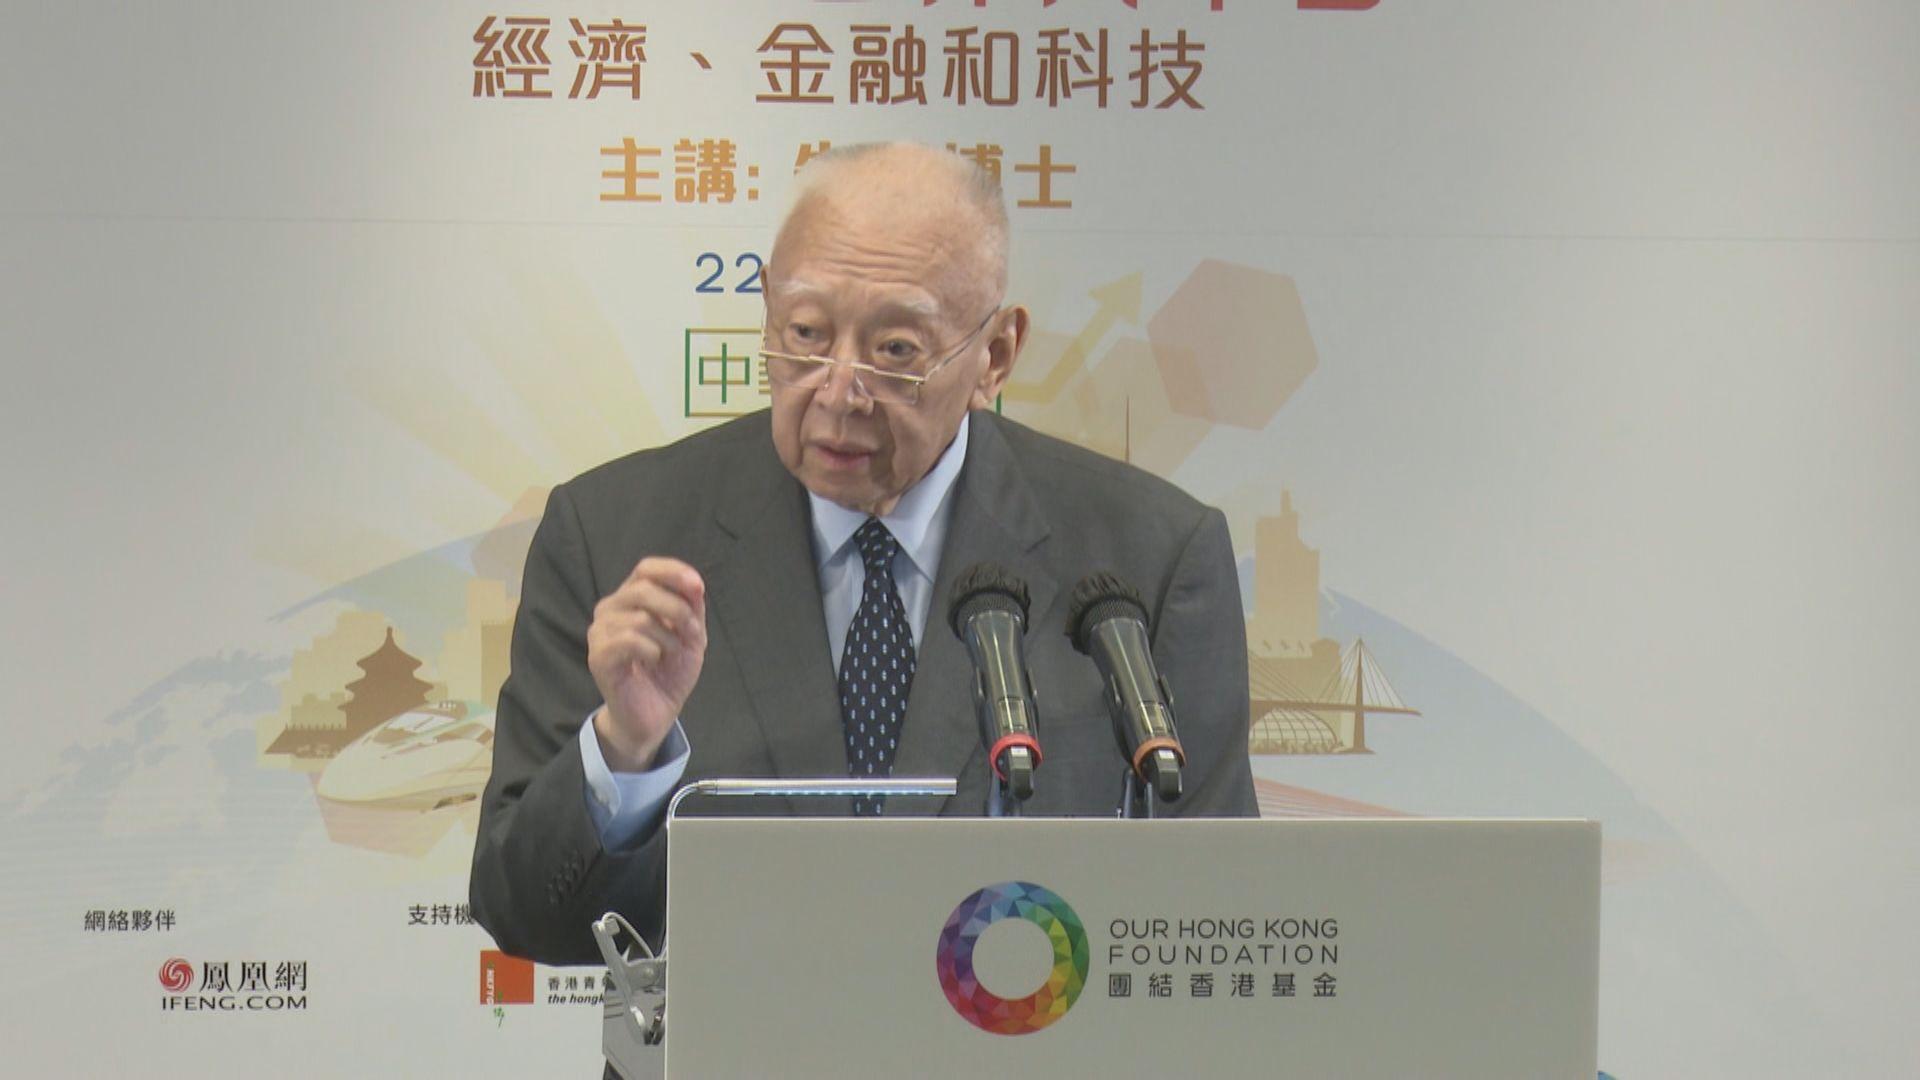 董建華:香港成就絕非其他國家恩賜